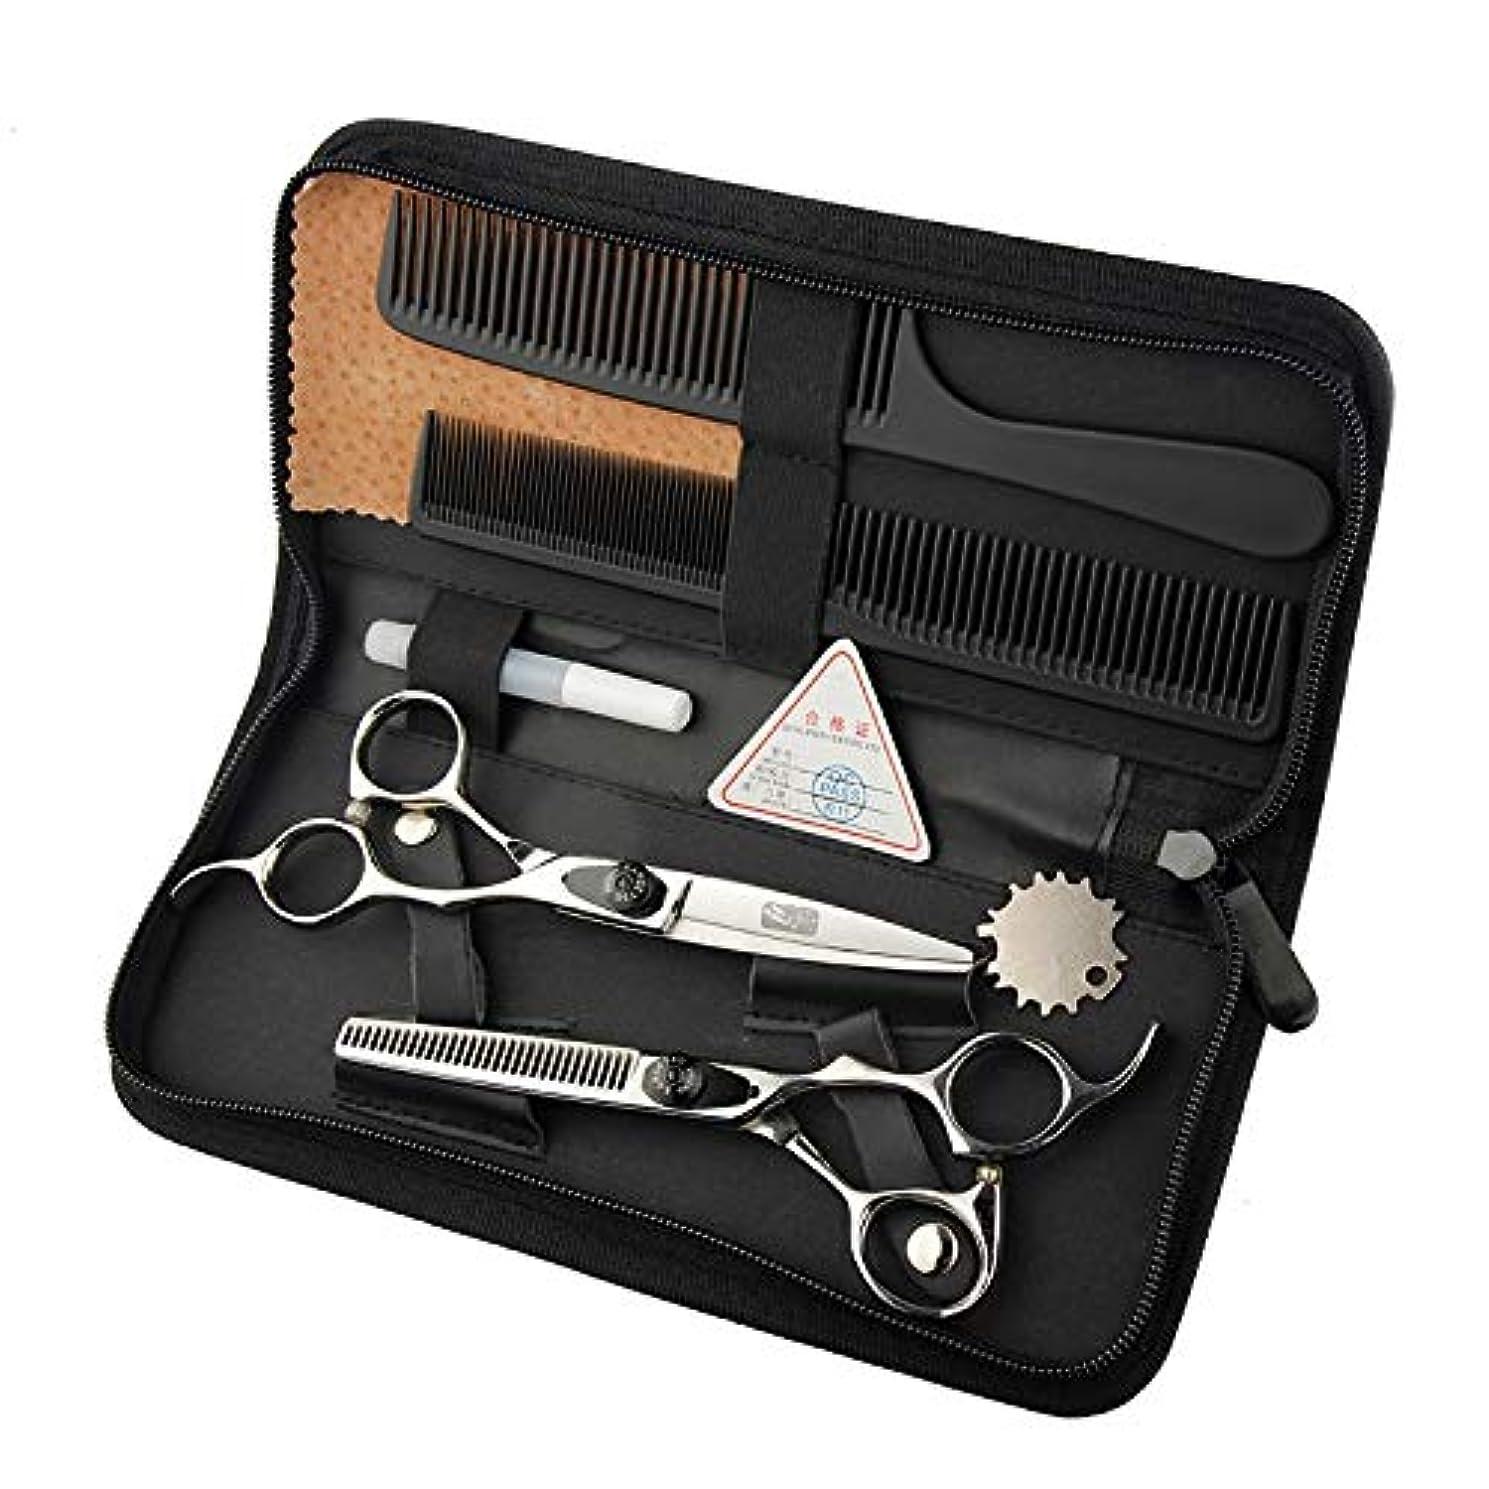 文明まとめるタヒチGoodsok-jp 6インチの美容院の専門のヘアカットの平らなはさみの歯のはさみセットの上限の専門の理髪ツール (色 : Silver)